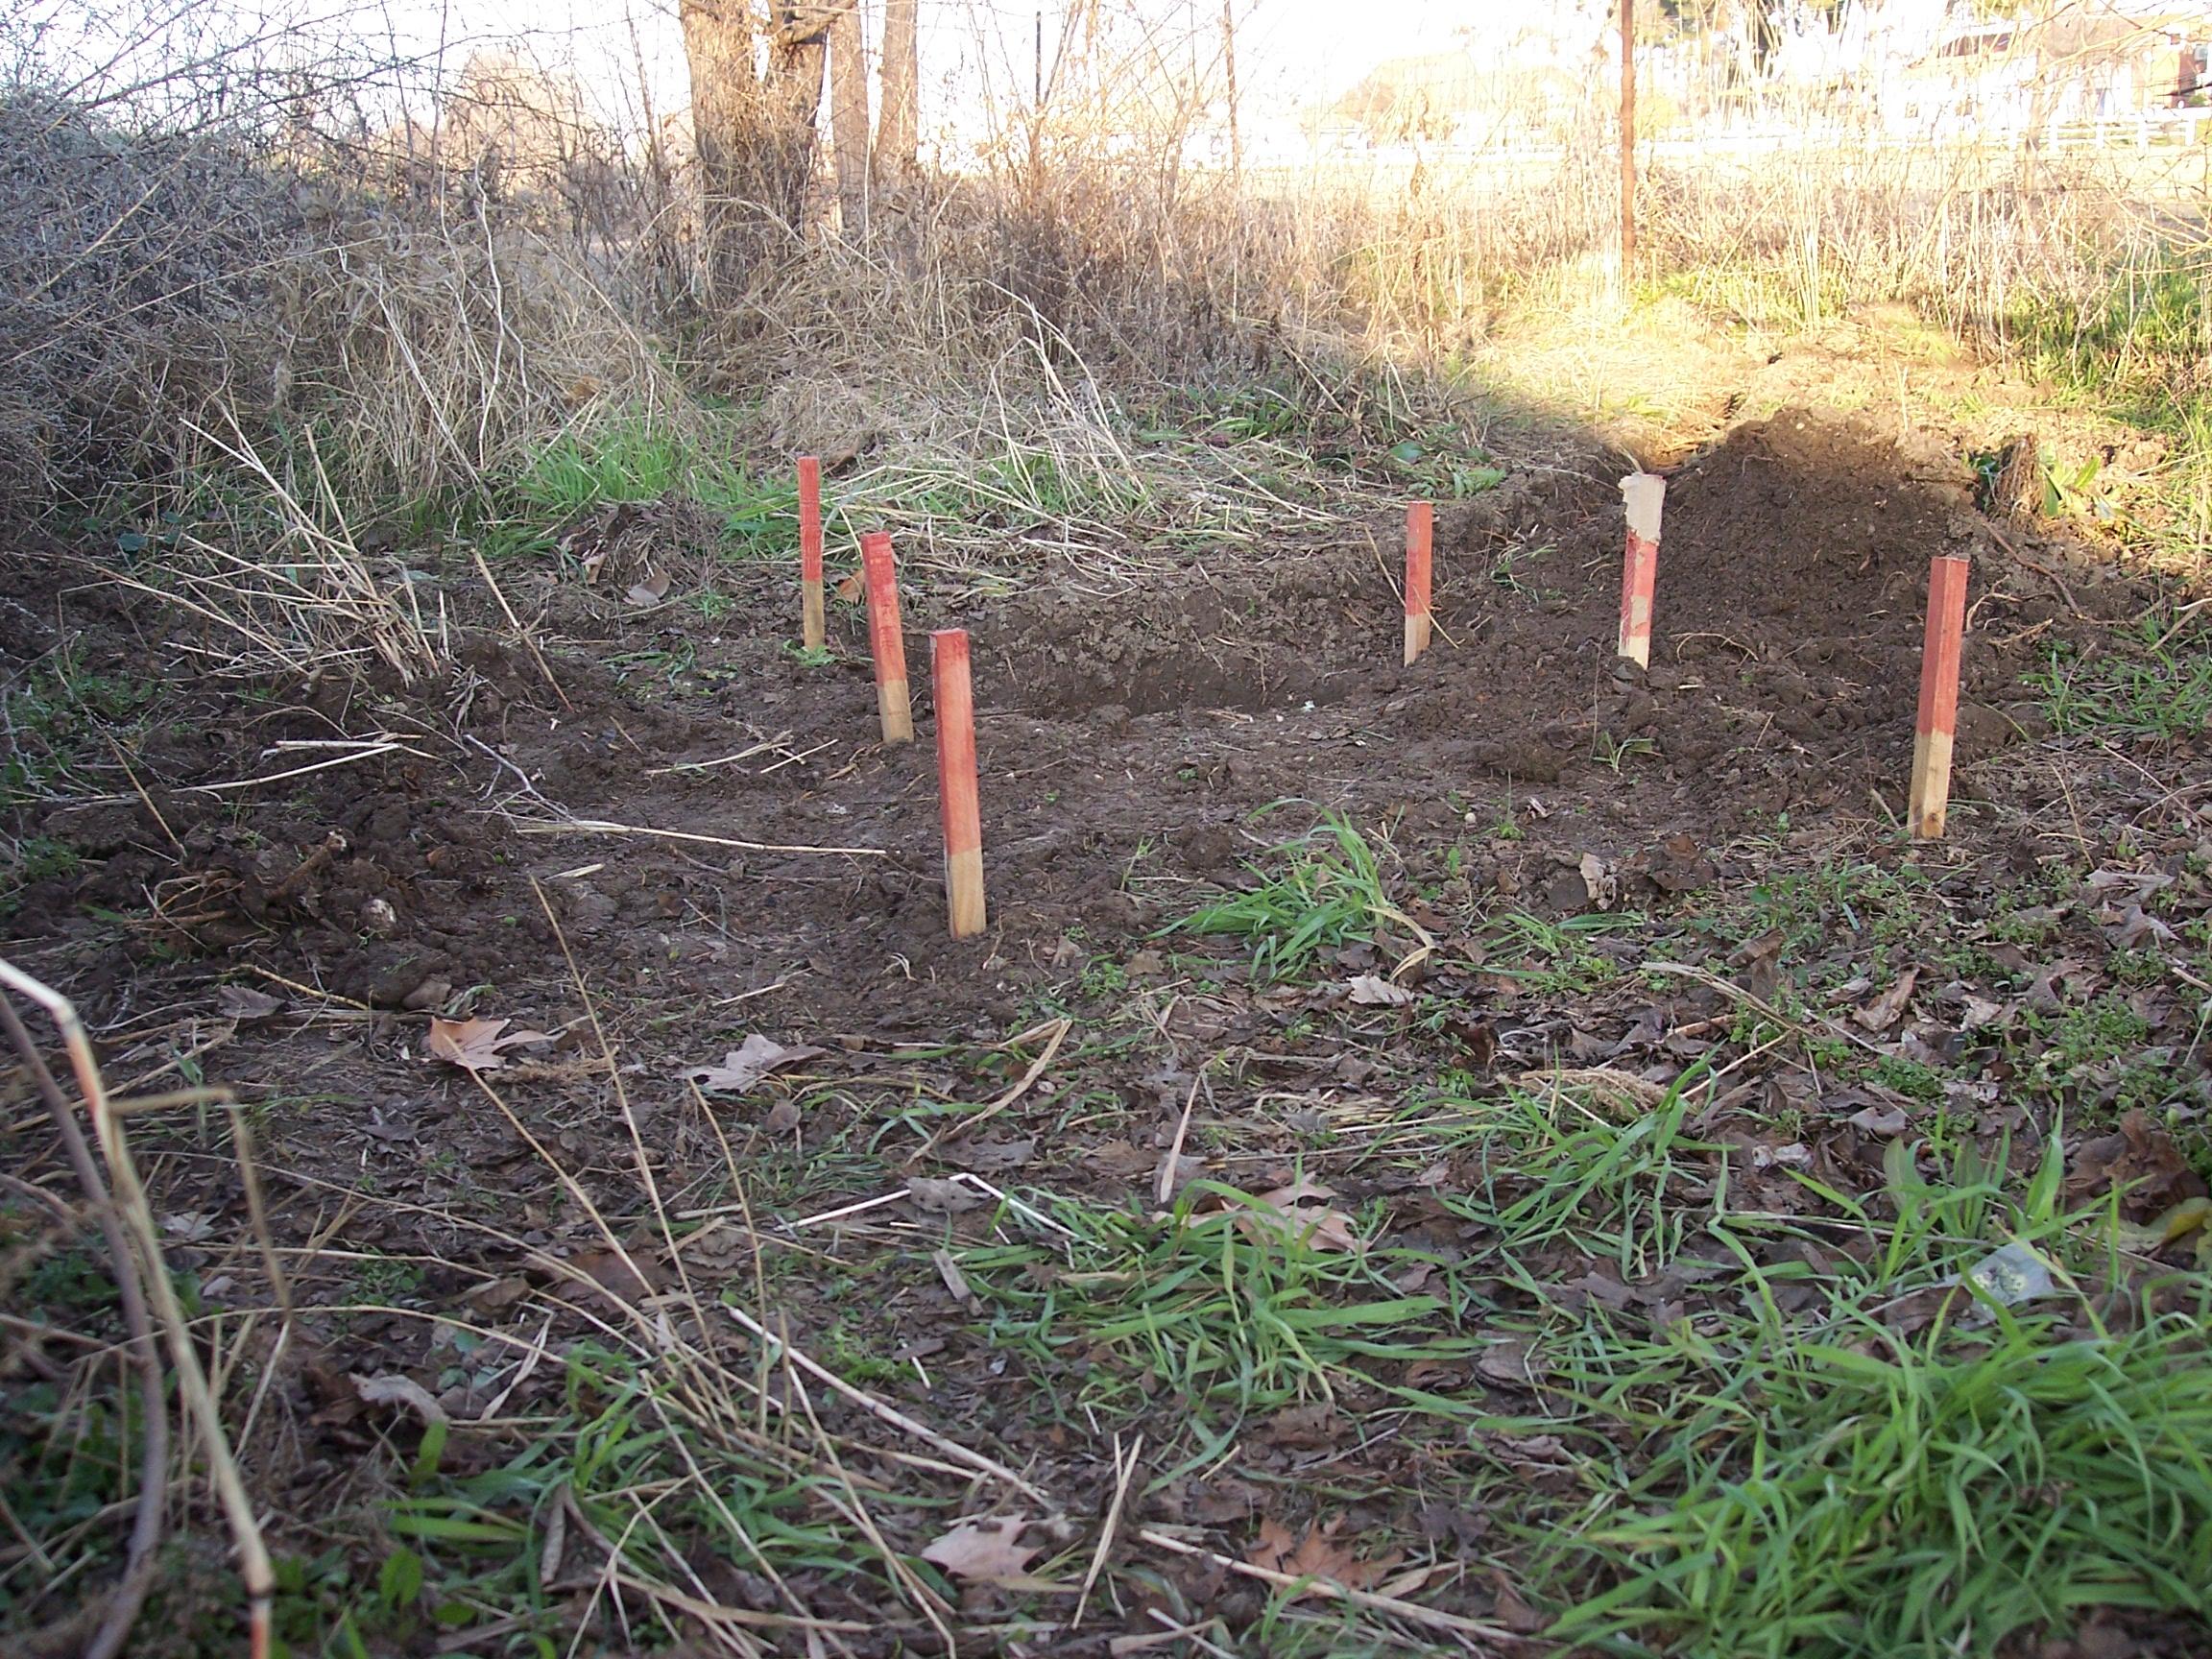 El jard n de las traviesas cb un refrescante estanque for Balancines de madera para jardin